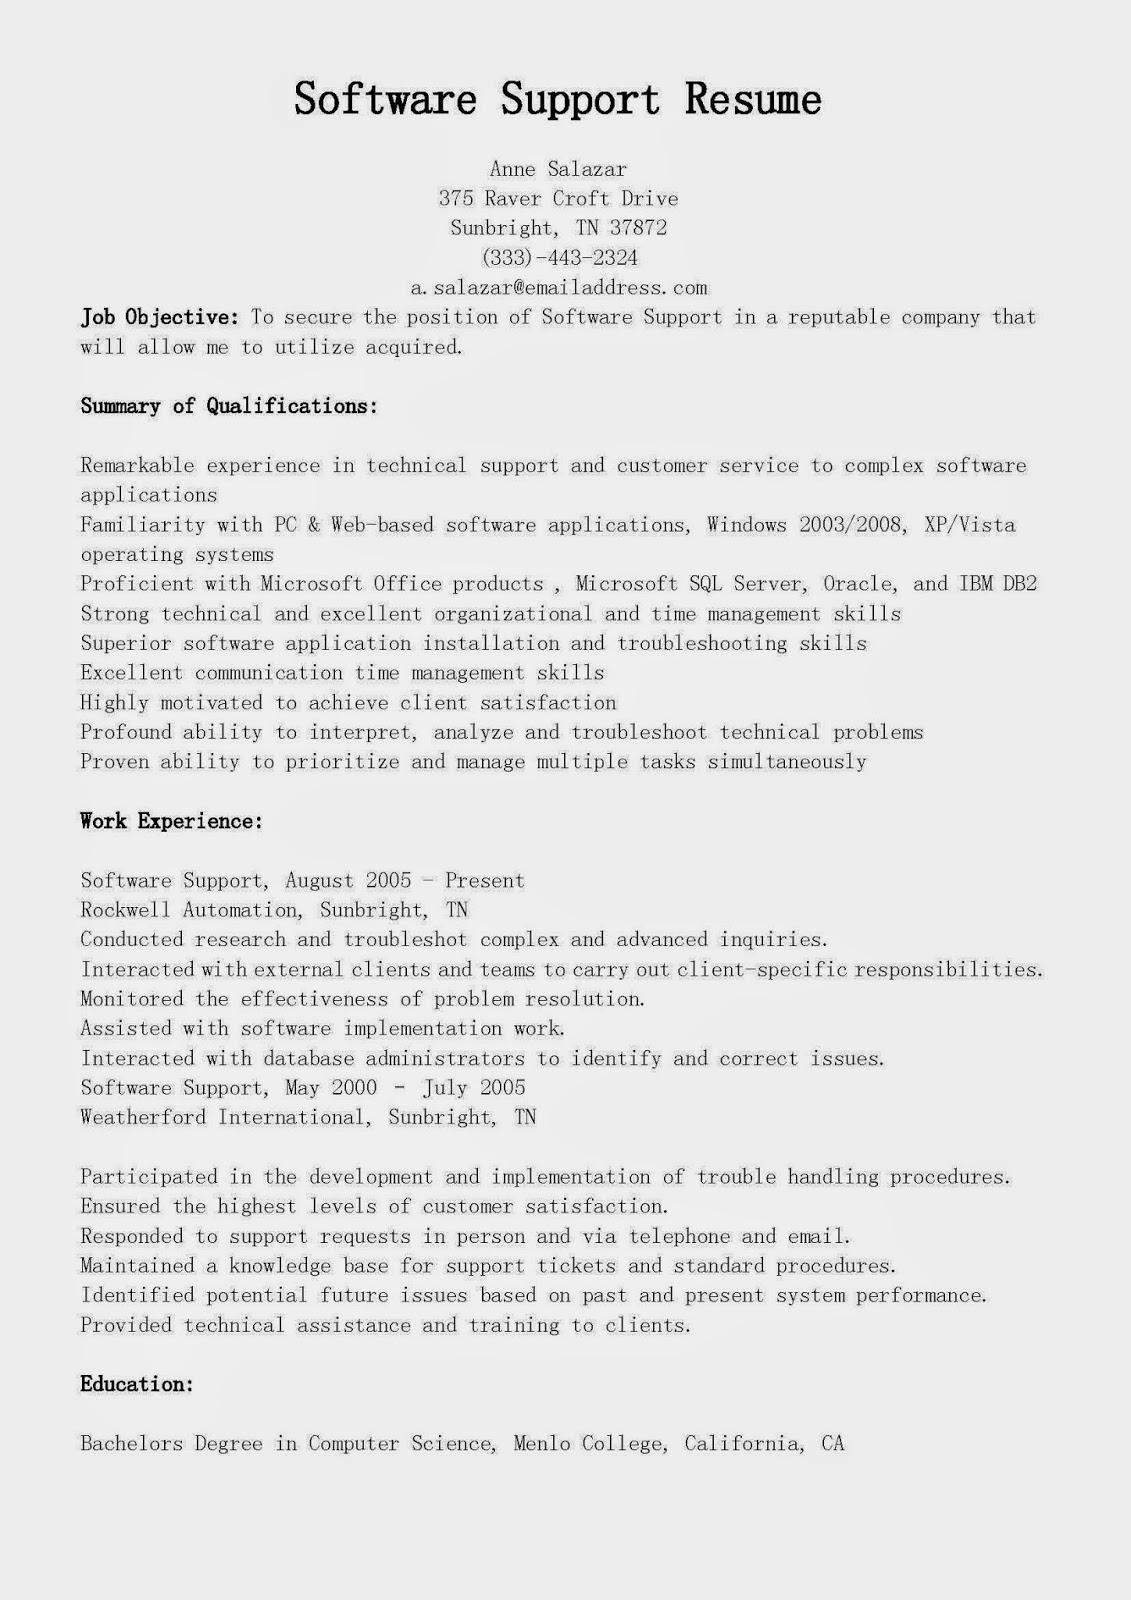 resume samples  software support resume sample